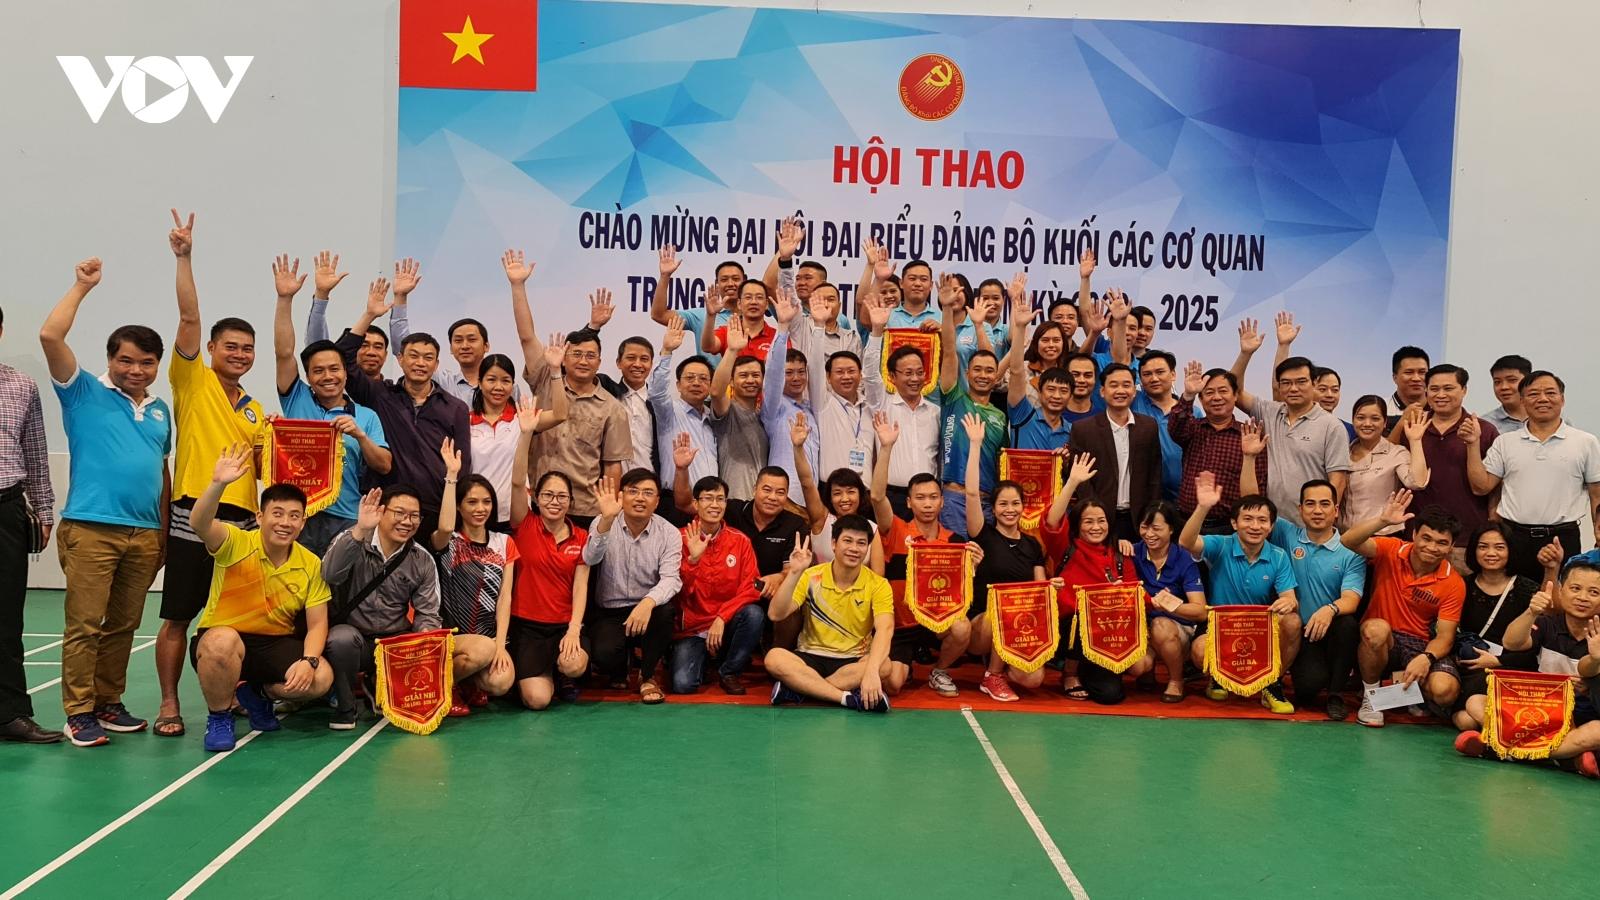 Bế mạc Hội thao chào mừng Đại hội Đảng bộ Khối lần thứ XIII, nhiệm kỳ 2020-2025